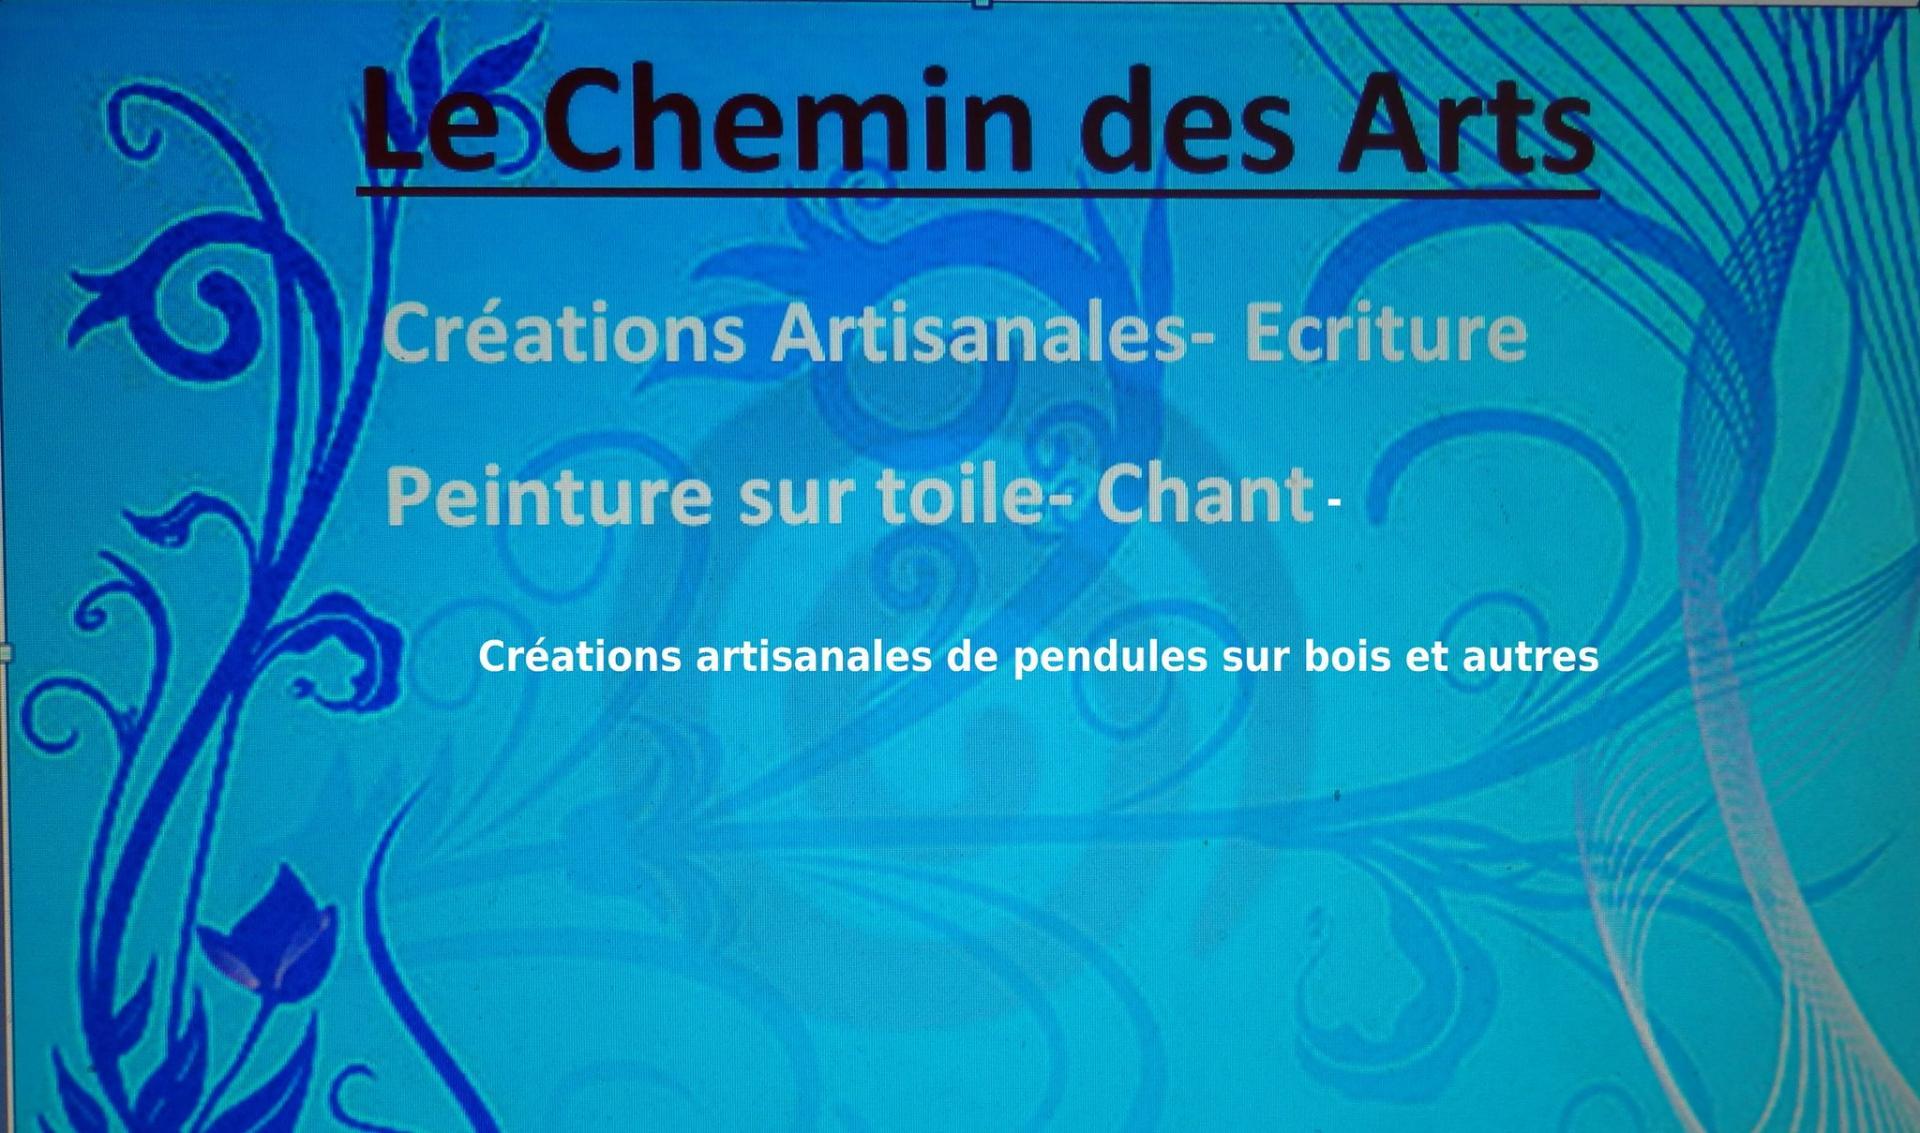 Chemin des Arts